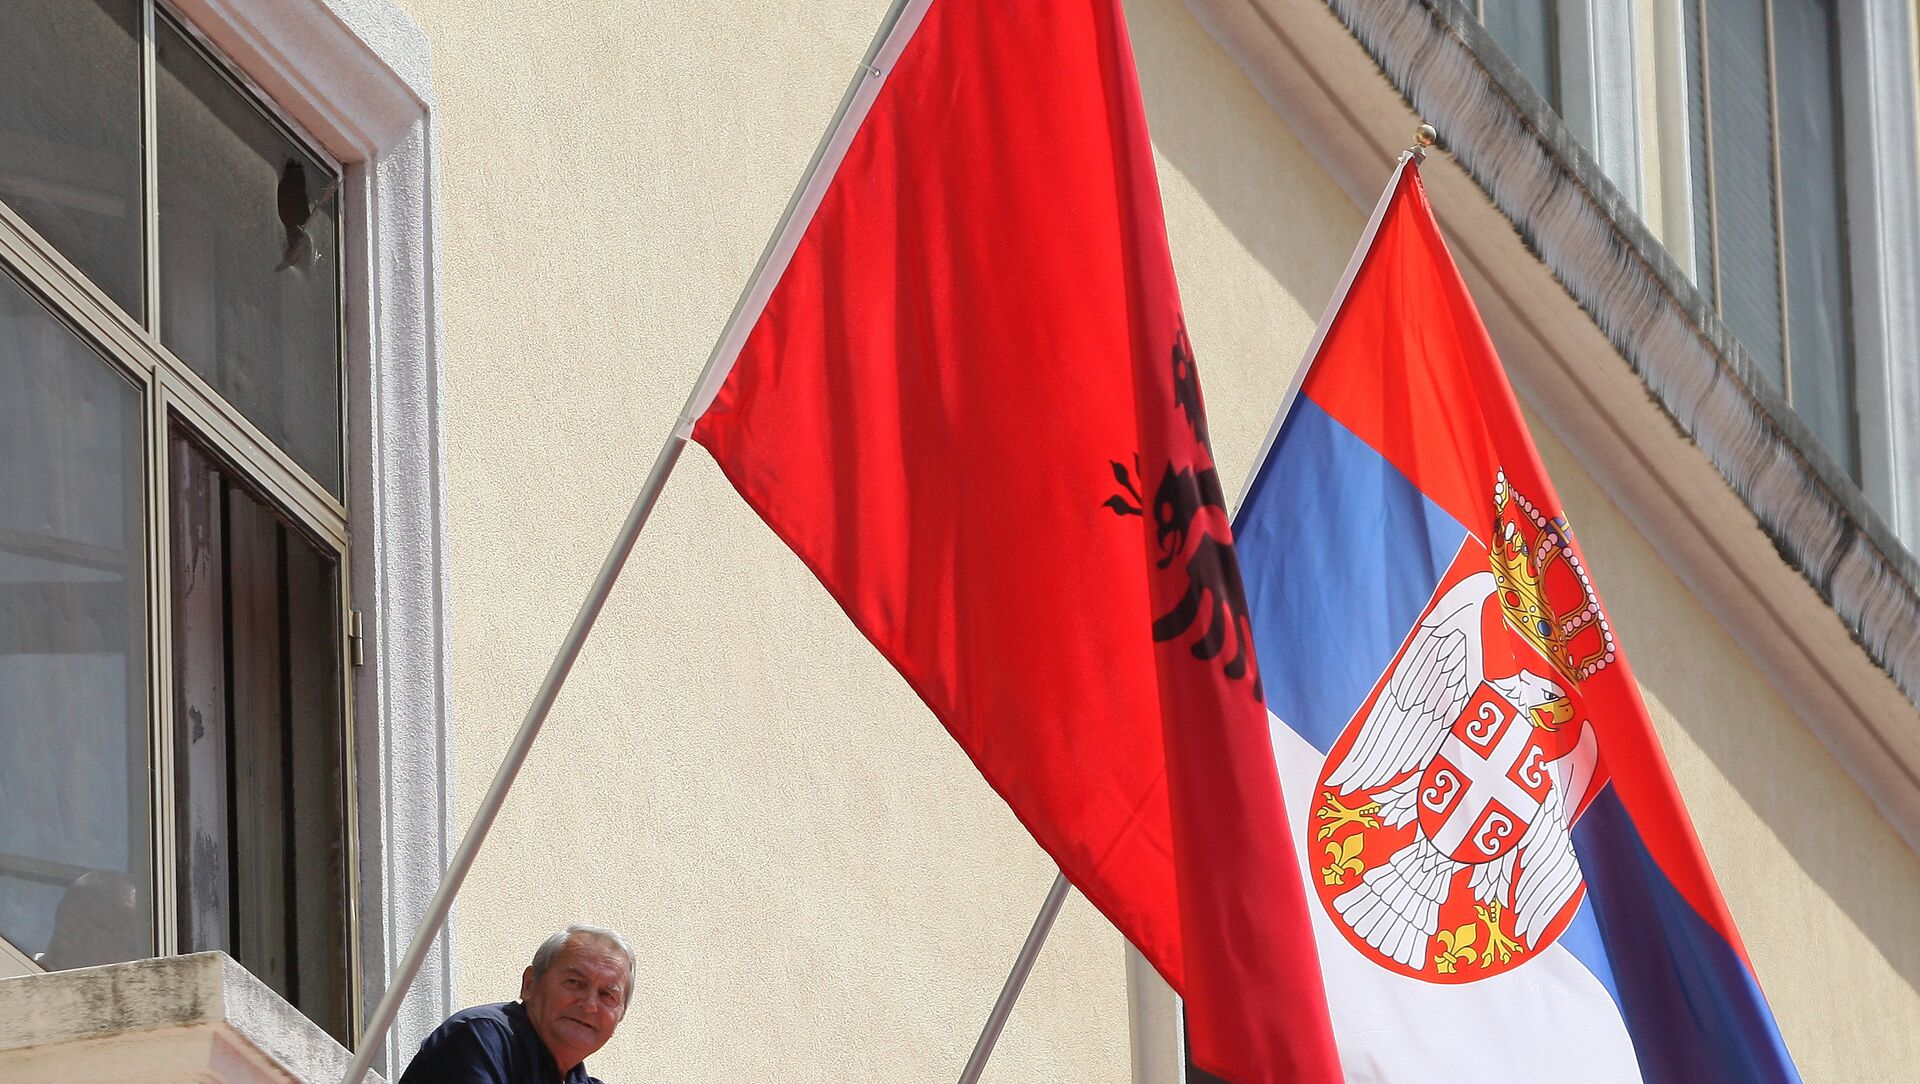 Заставе Албаније и Србије - Sputnik Србија, 1920, 08.05.2021